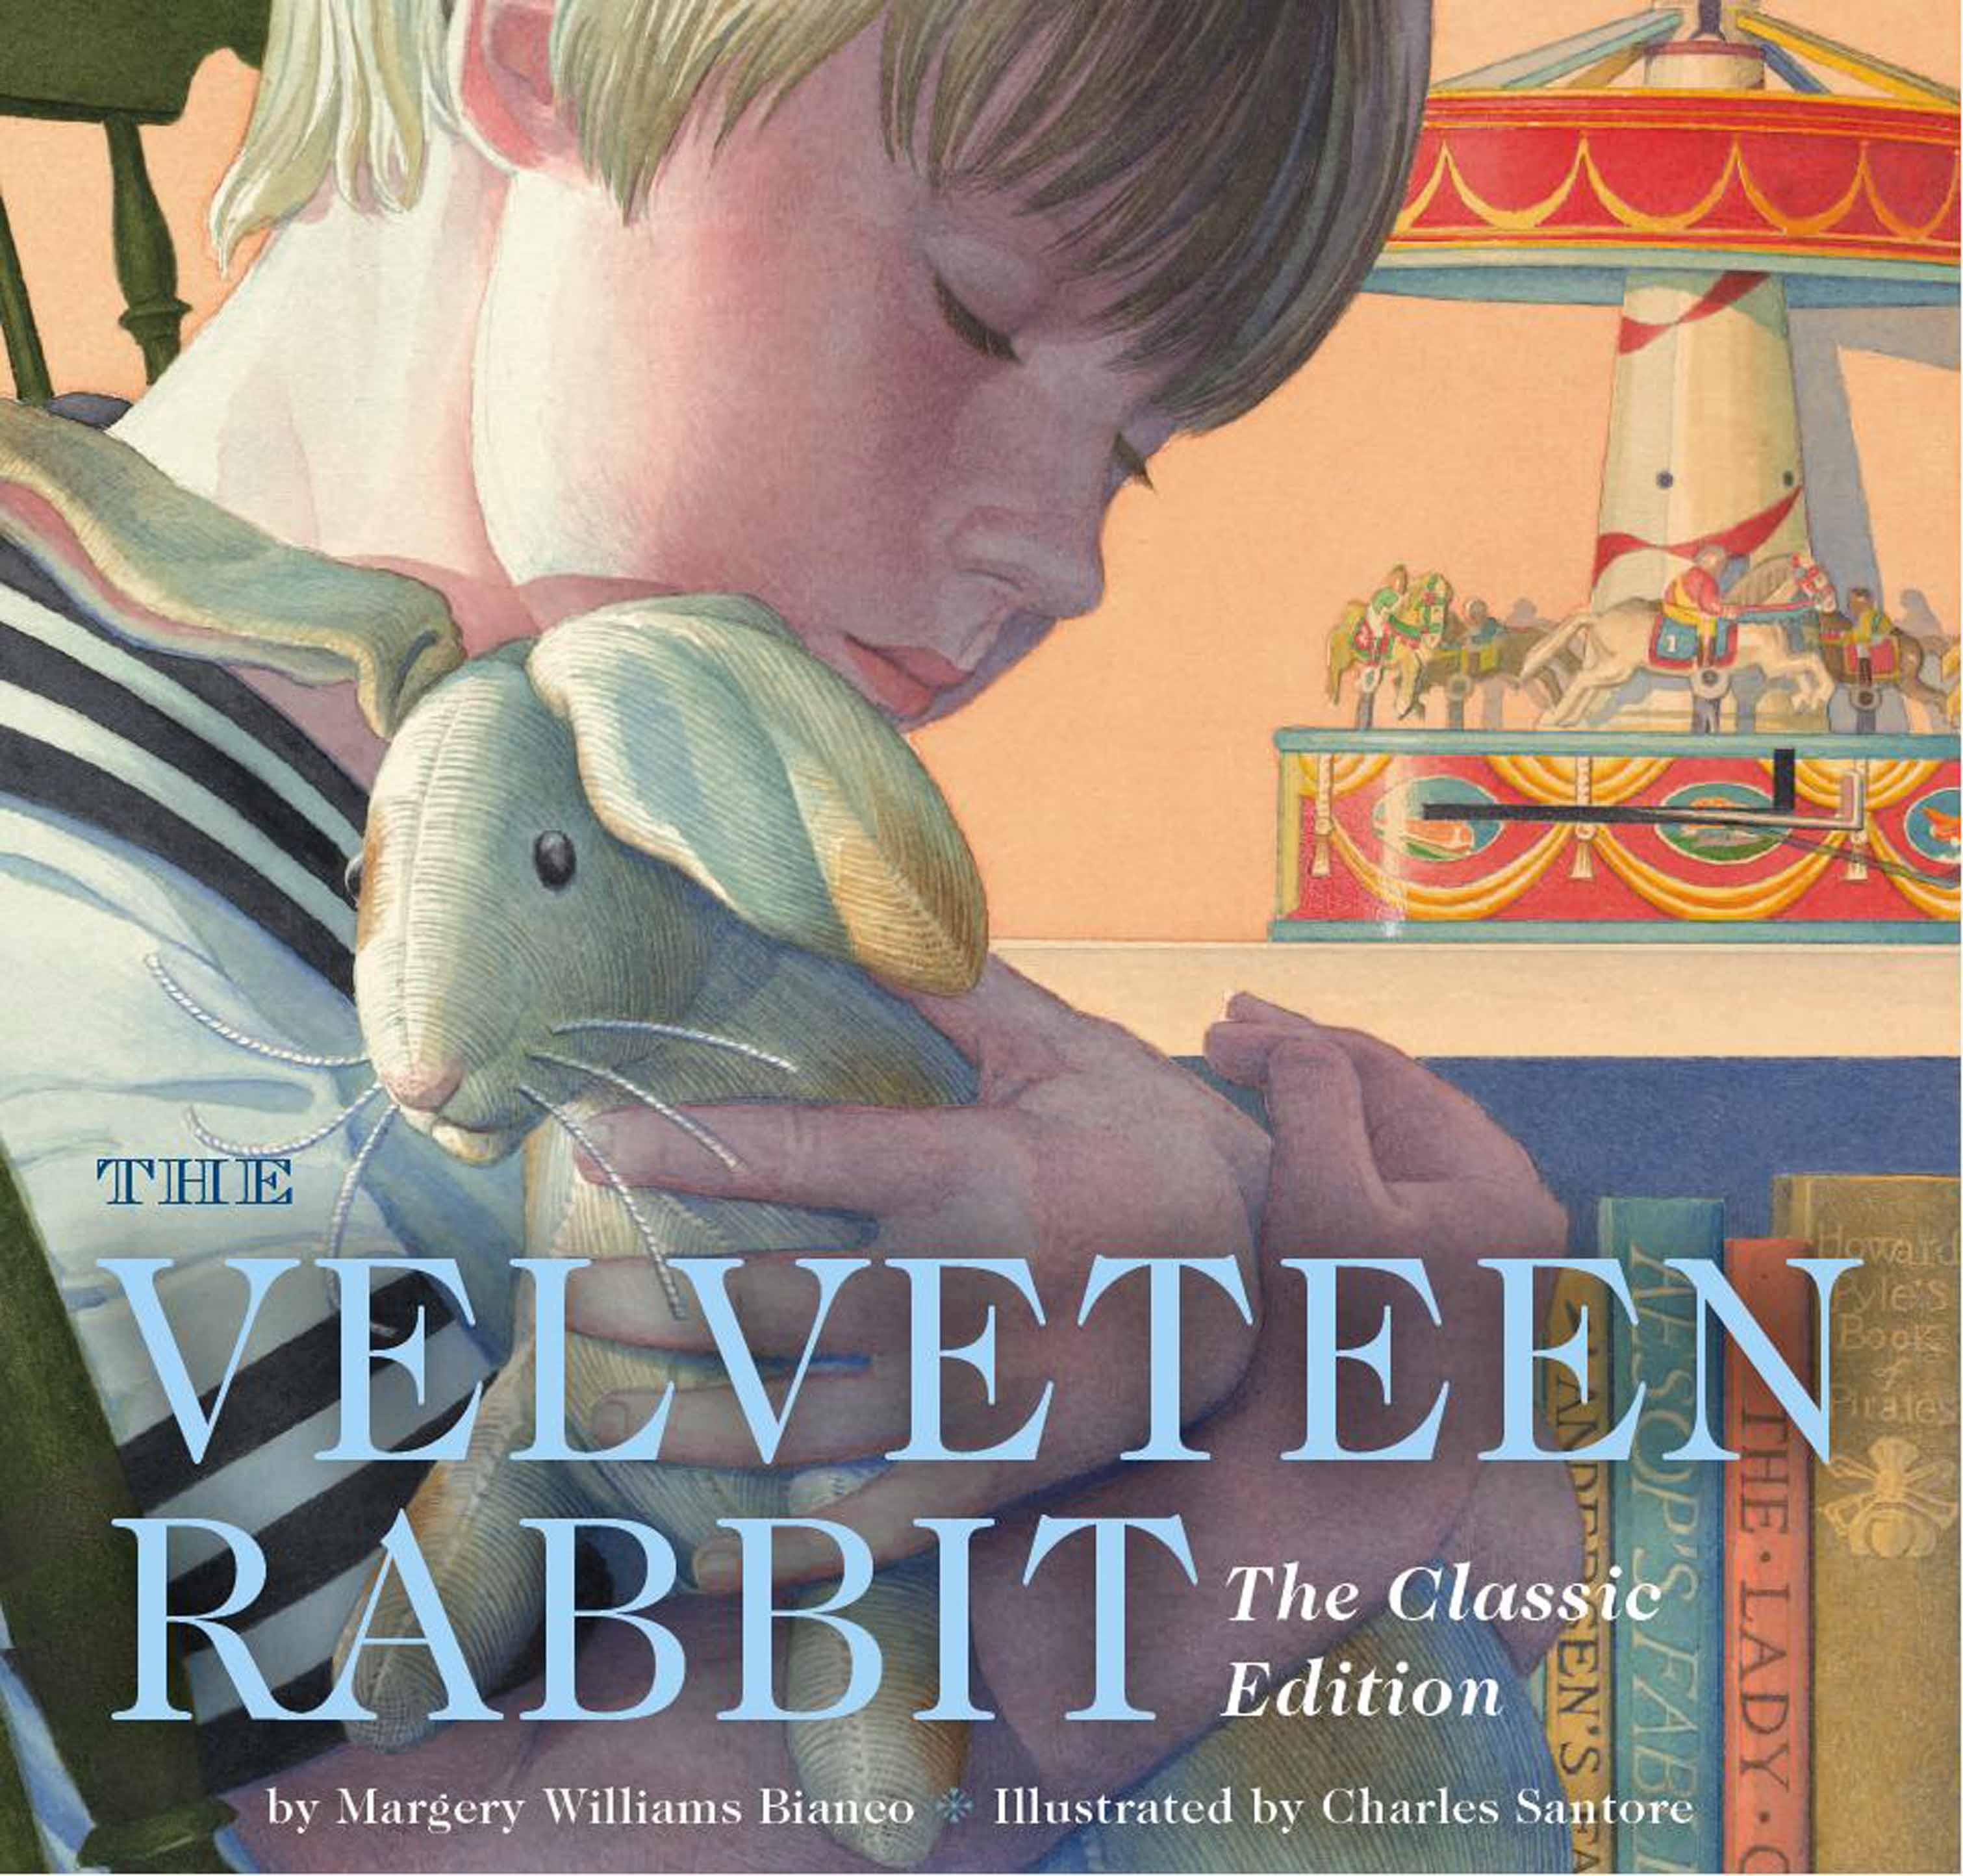 Velveteen rabbit 9781604334616 hr